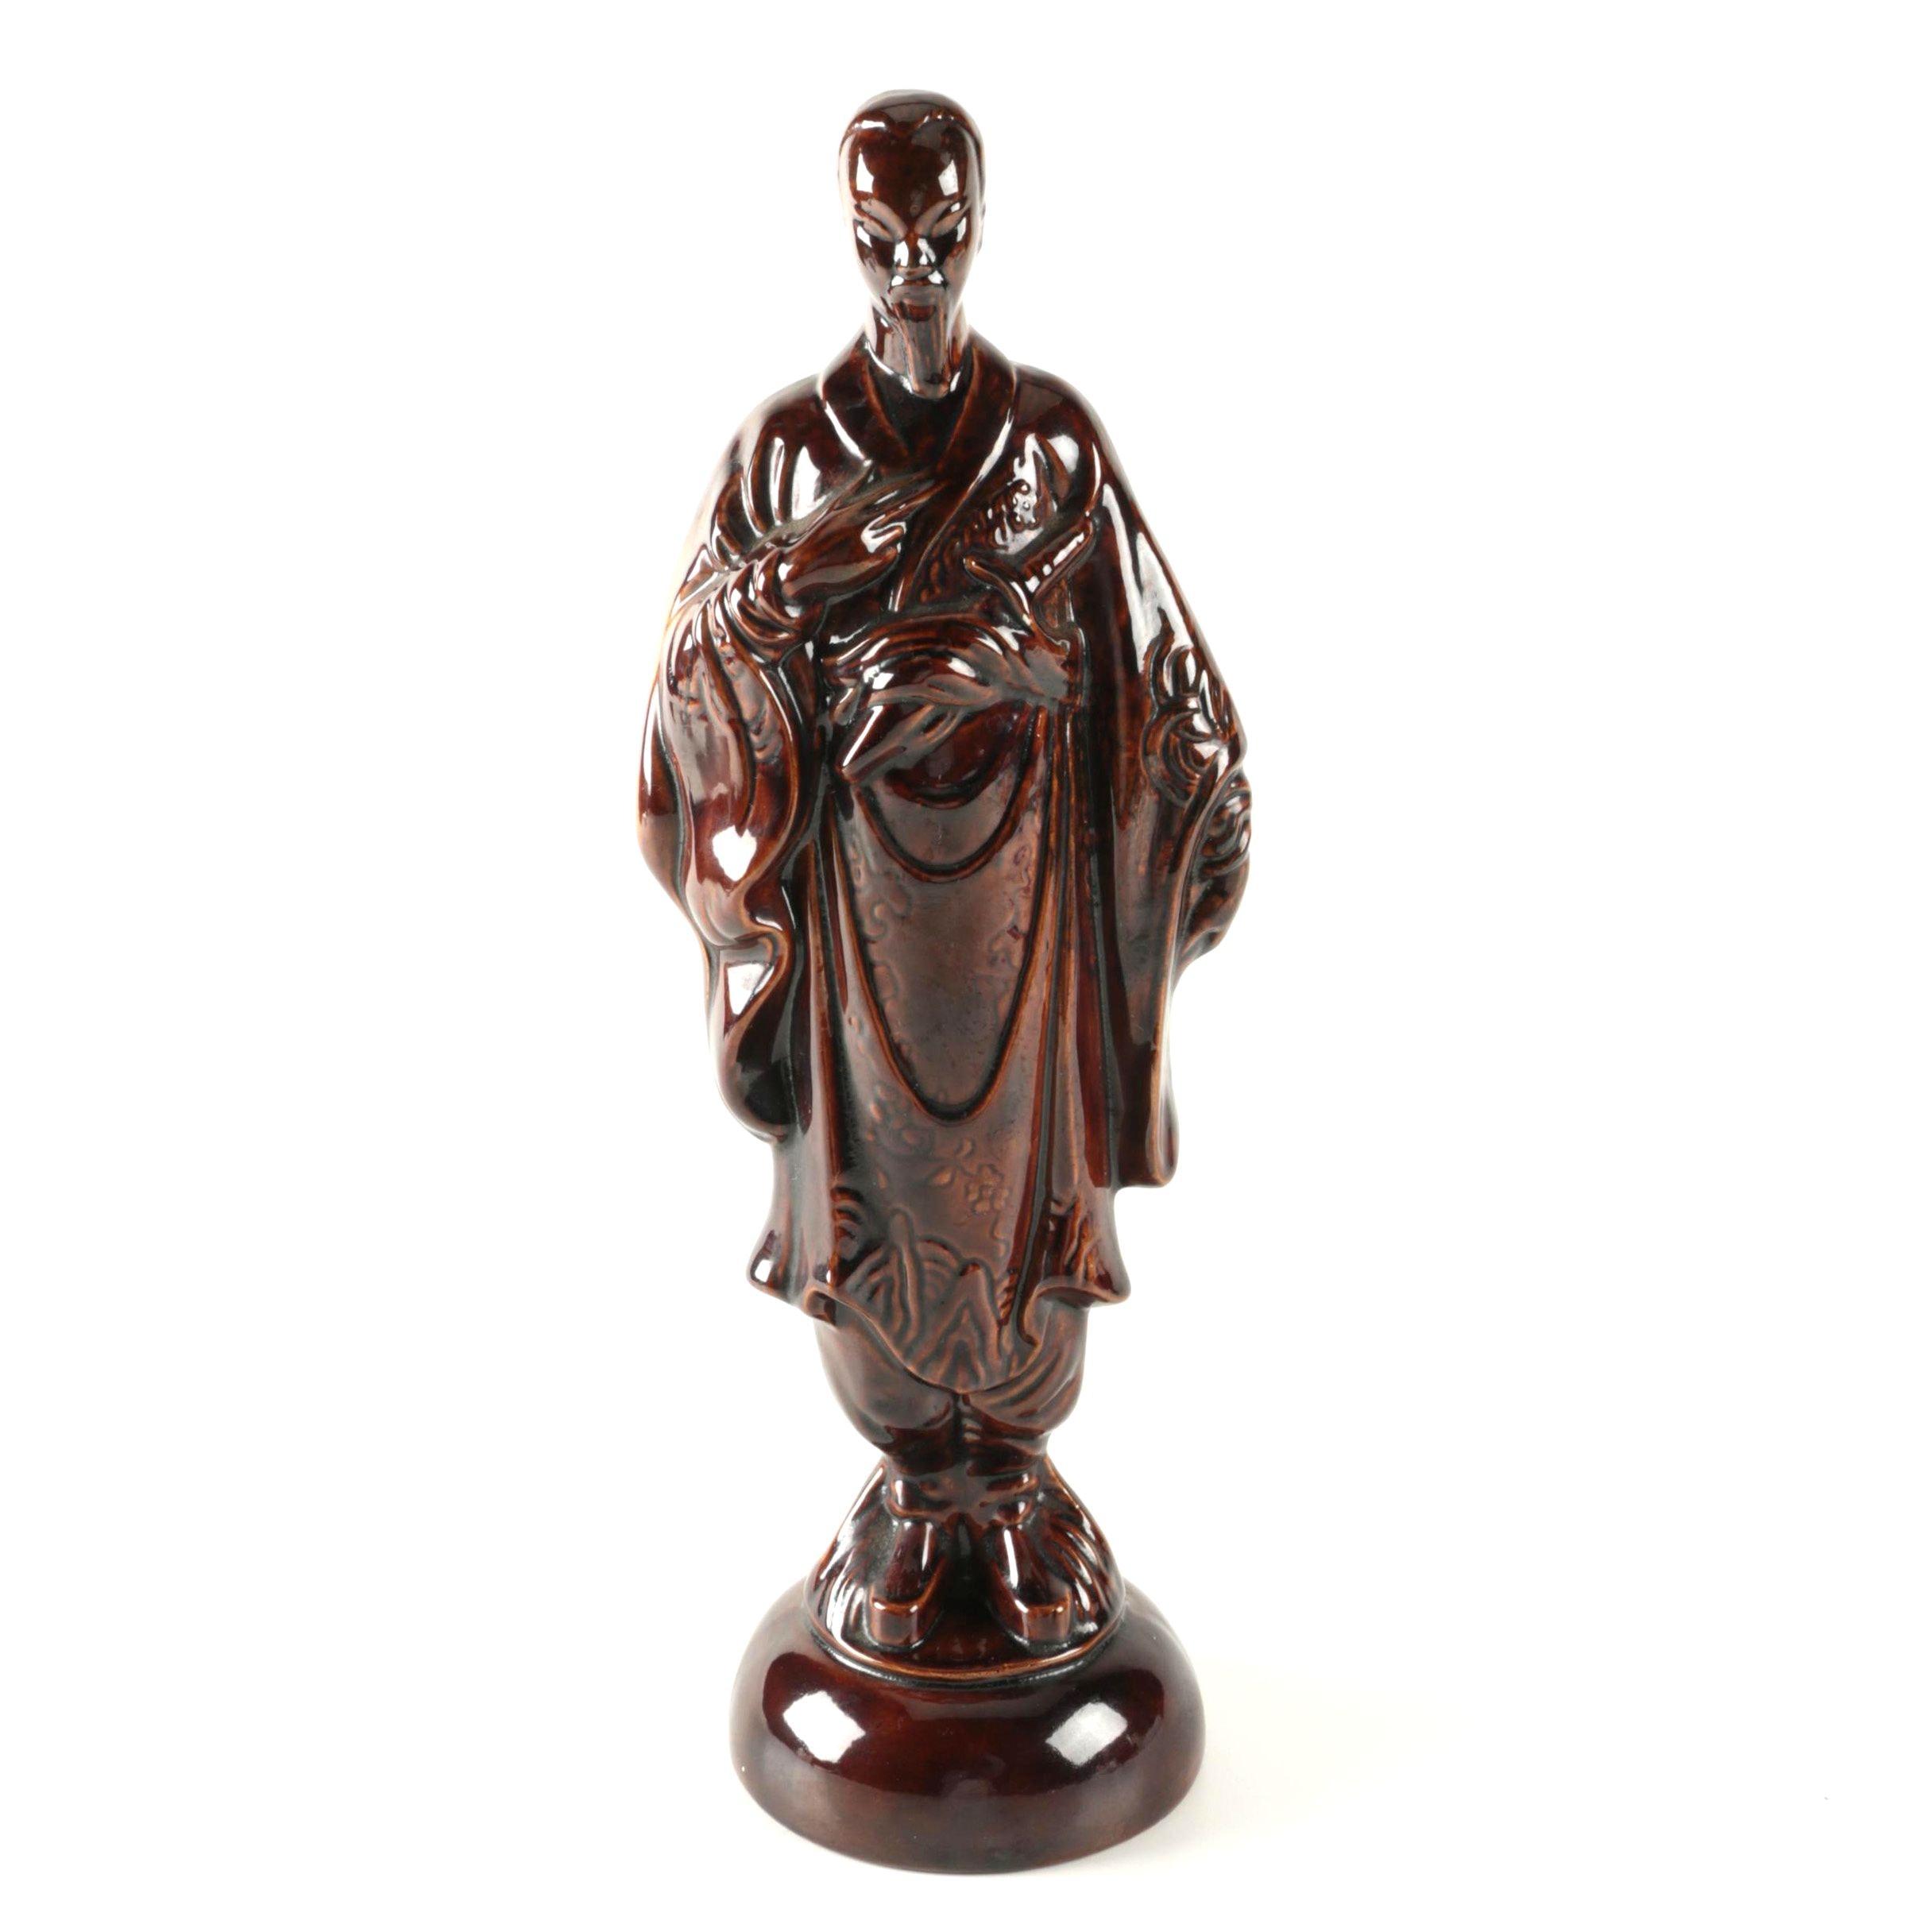 East Asian Inspired Glazed Ceramic Figure